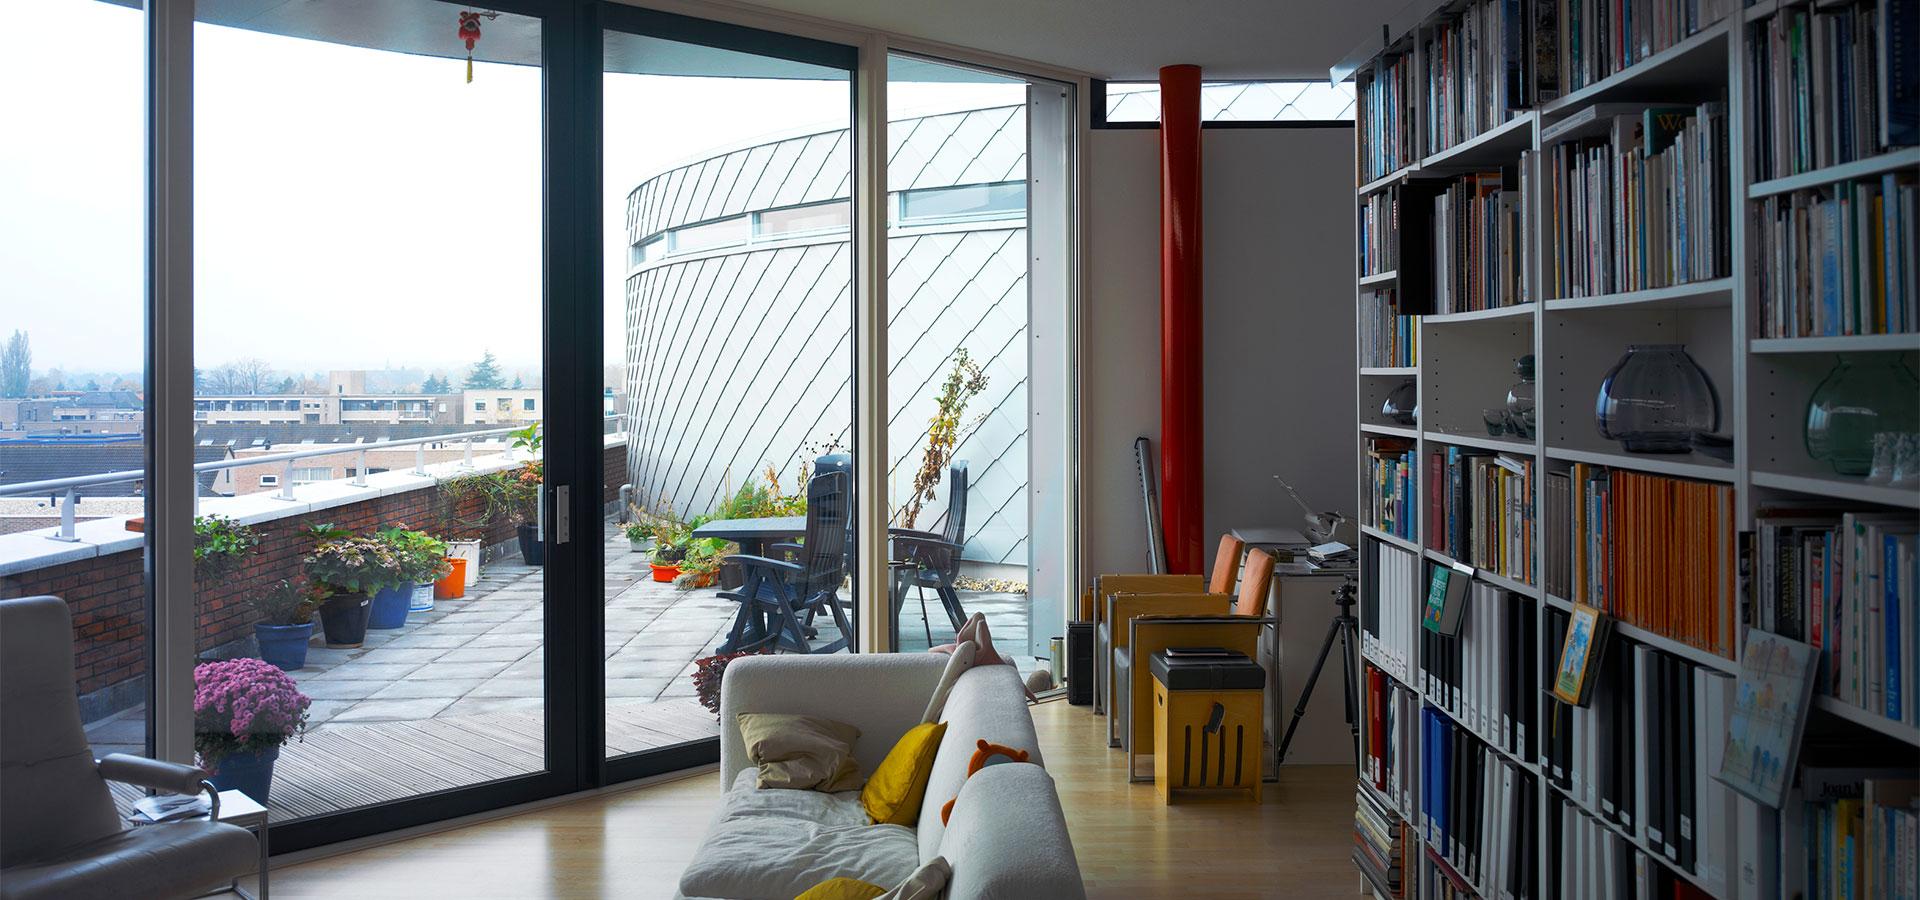 FARO architecten Beekpark Apeldoorn 09